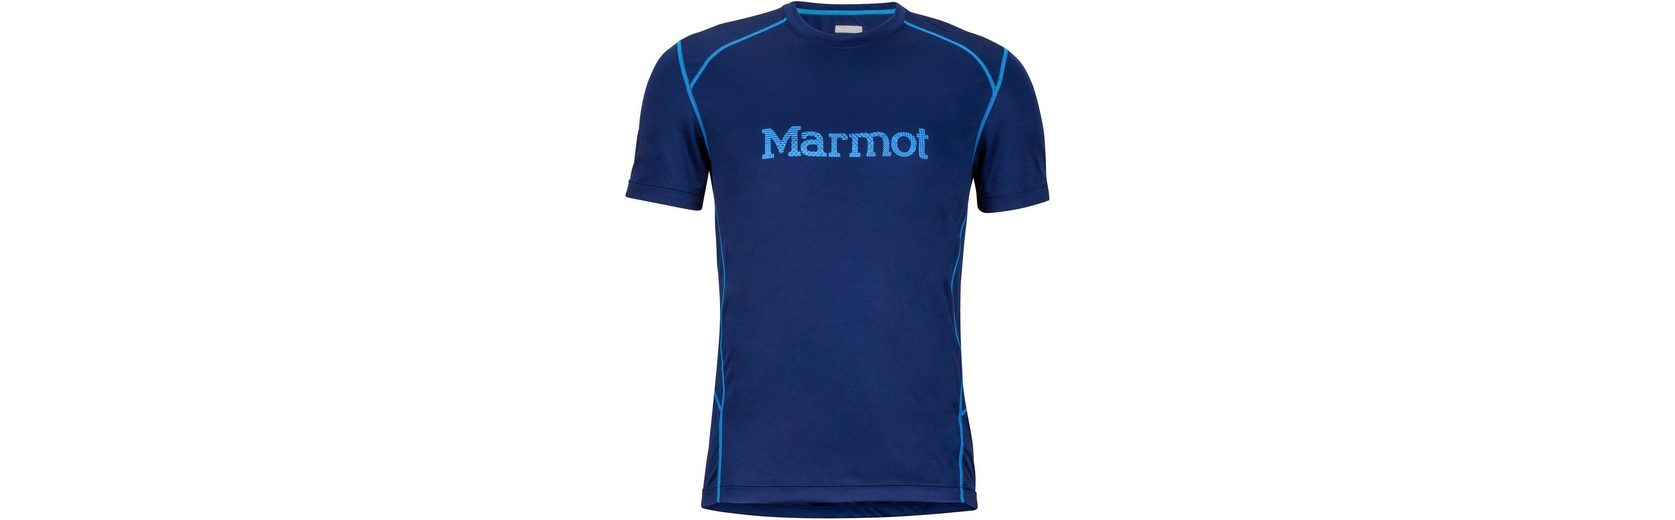 Marmot T-Shirt Windridge SS Shirt Men with Graphic Online Wie Vielen Verkauf Grau-Outlet-Store Online IvmN4gcu0